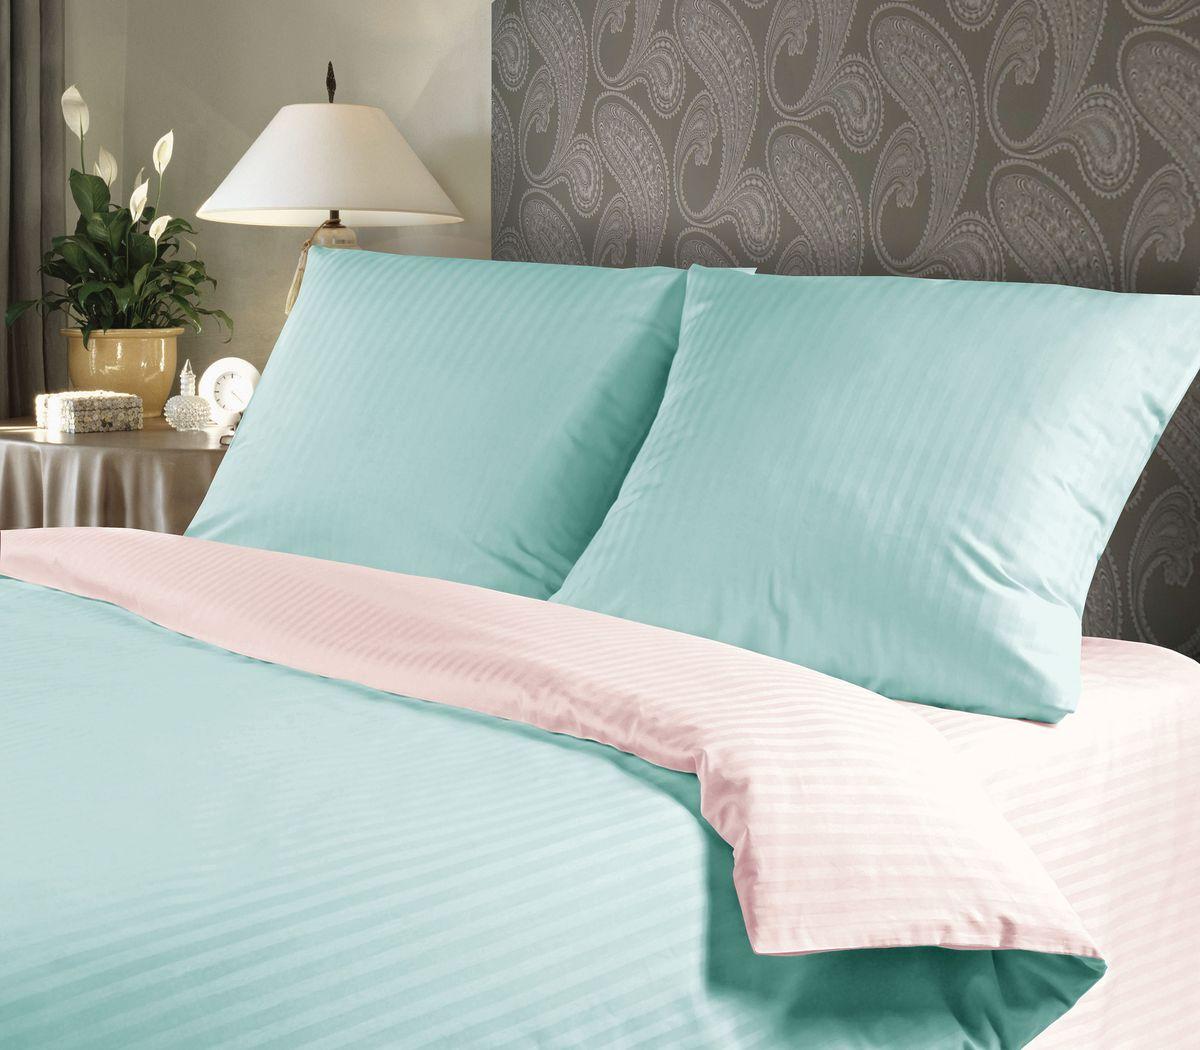 Комплект белья Verossa Sunset, 2-спальный, наволочки 50х70711217